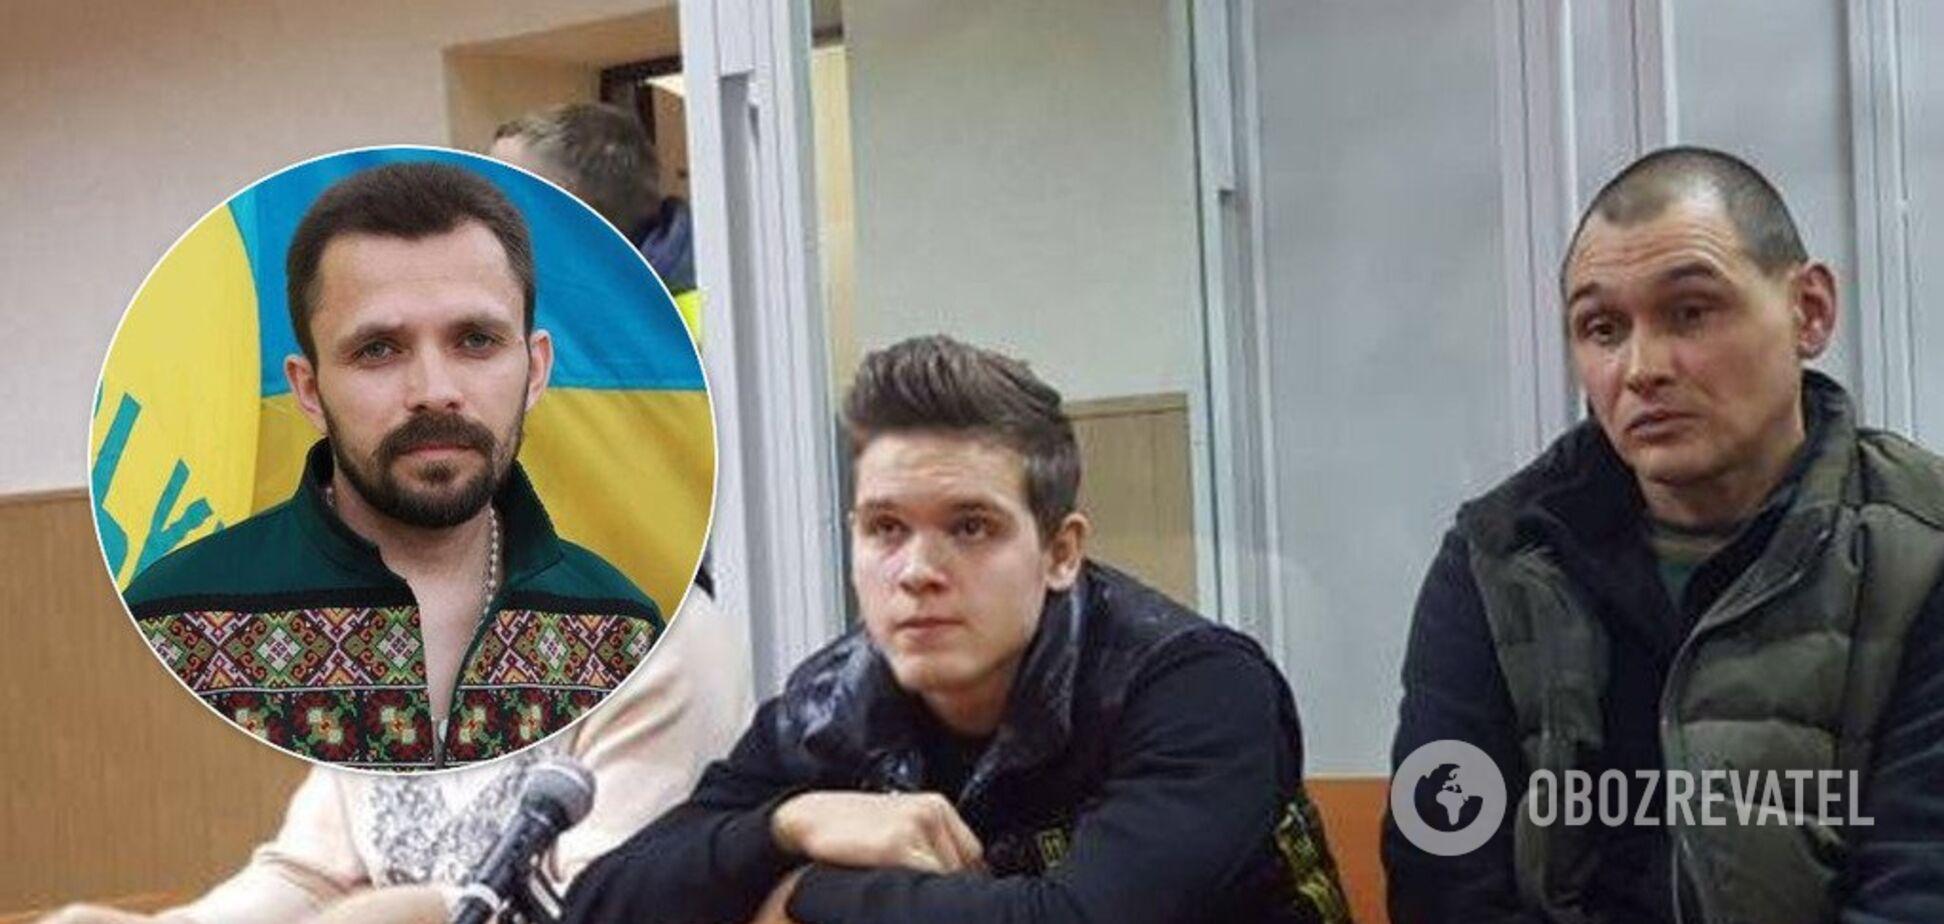 'Було нуль жалю!' Підліток, який жорстоко побив Мірошниченка, зробив цинічну заяву